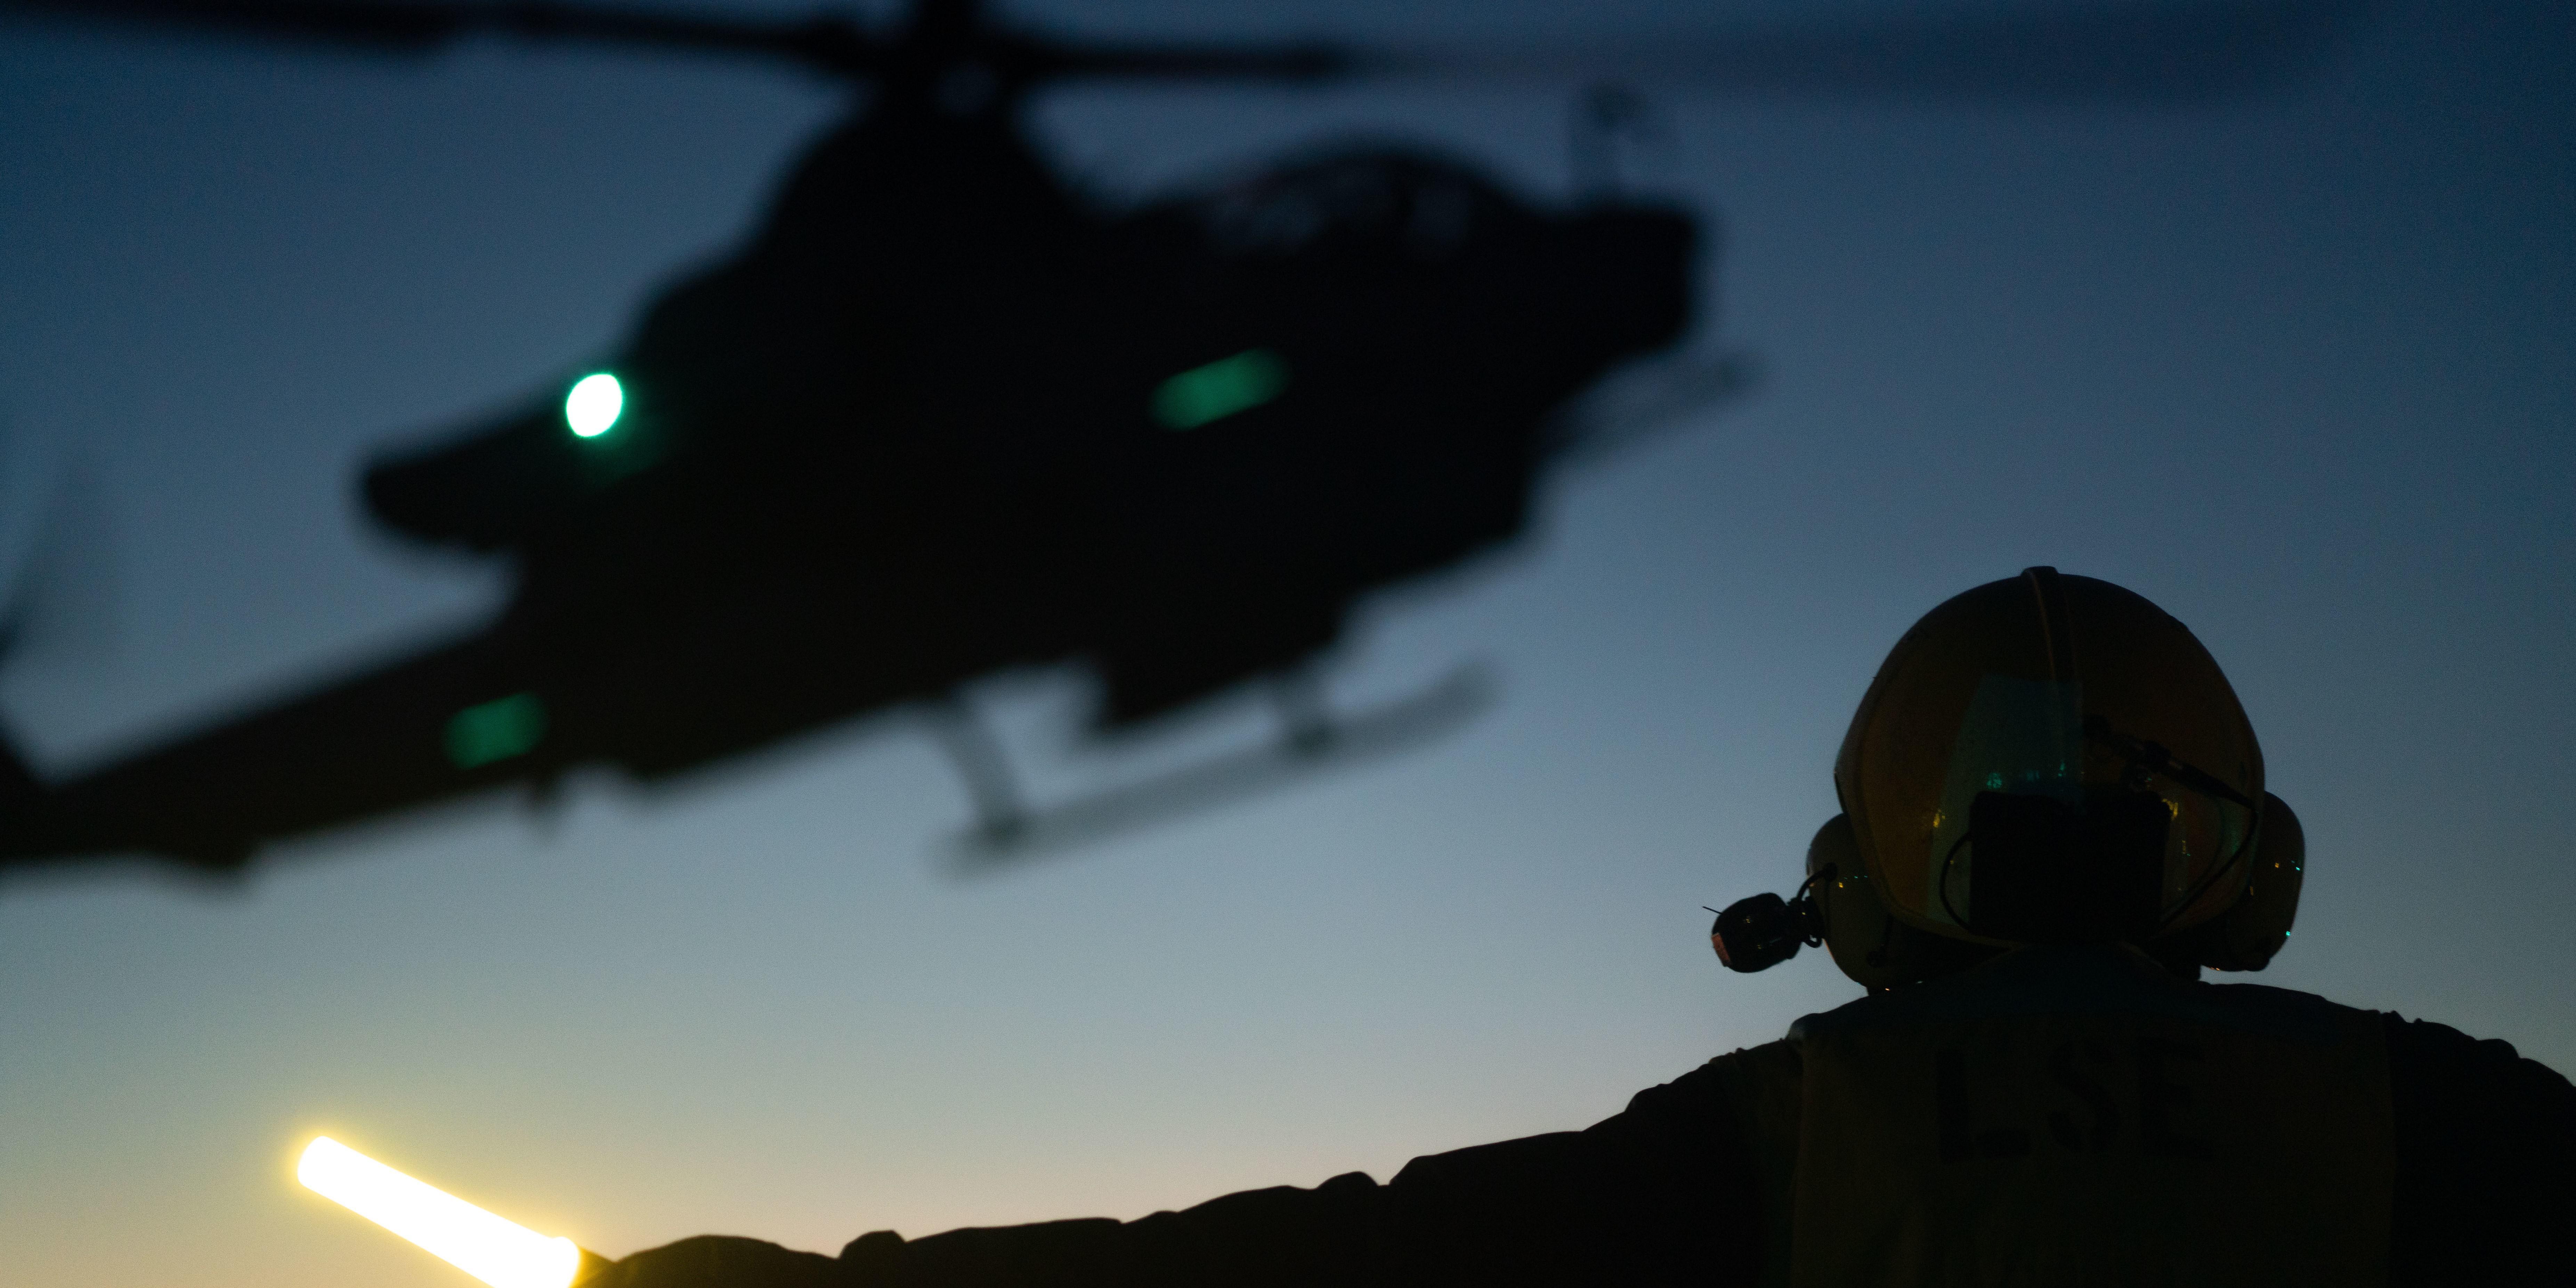 Credit: U.S. Marine Corps photo